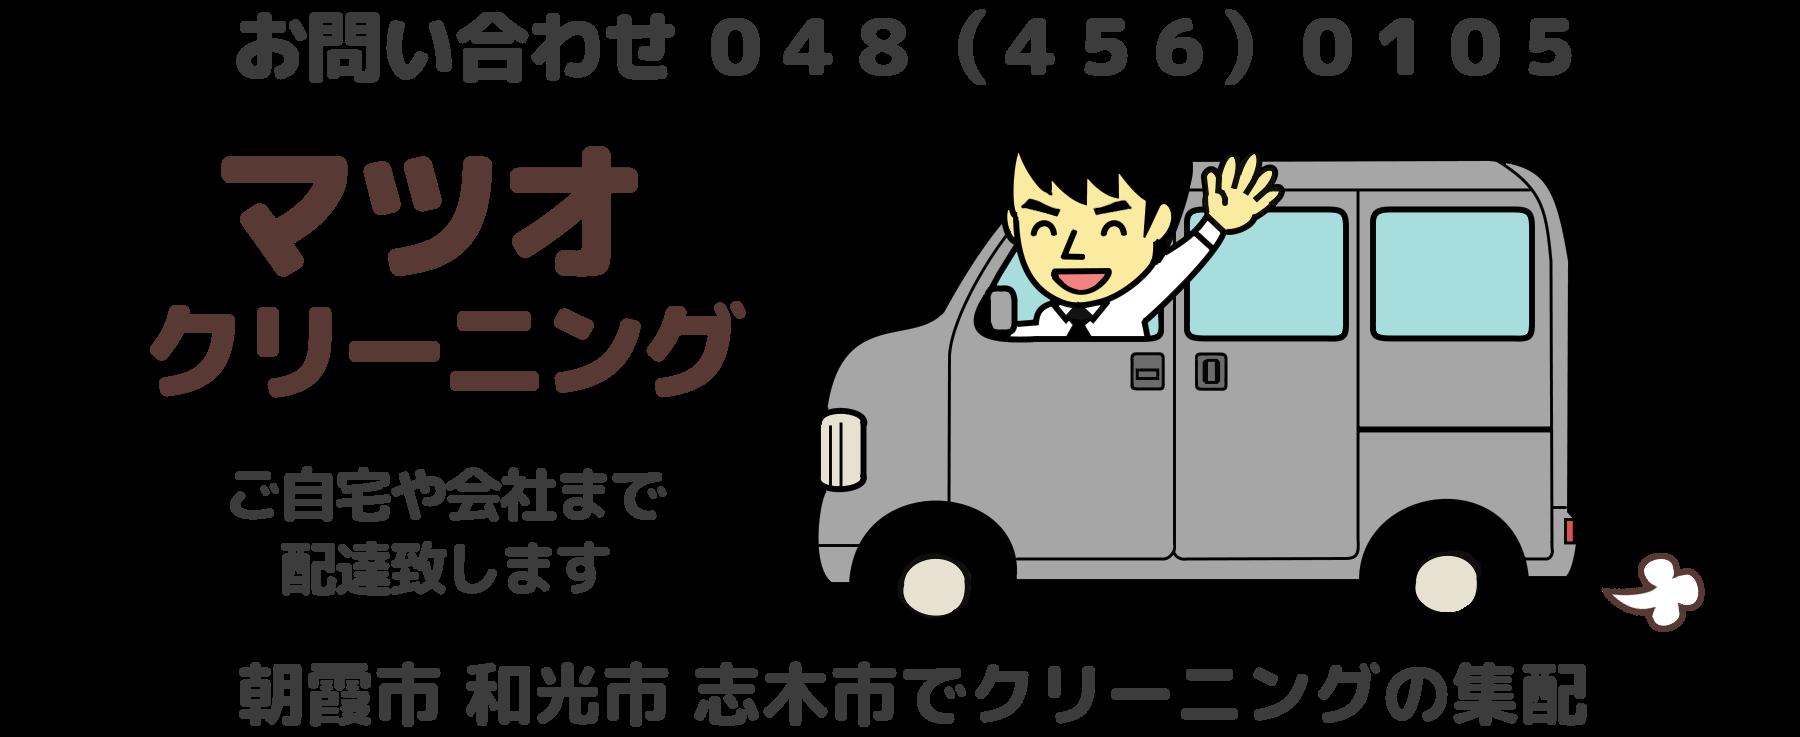 【無料集配】朝霞市 和光市 志木市でクリーニングの集配達 無料宅配 マツオクリーニング